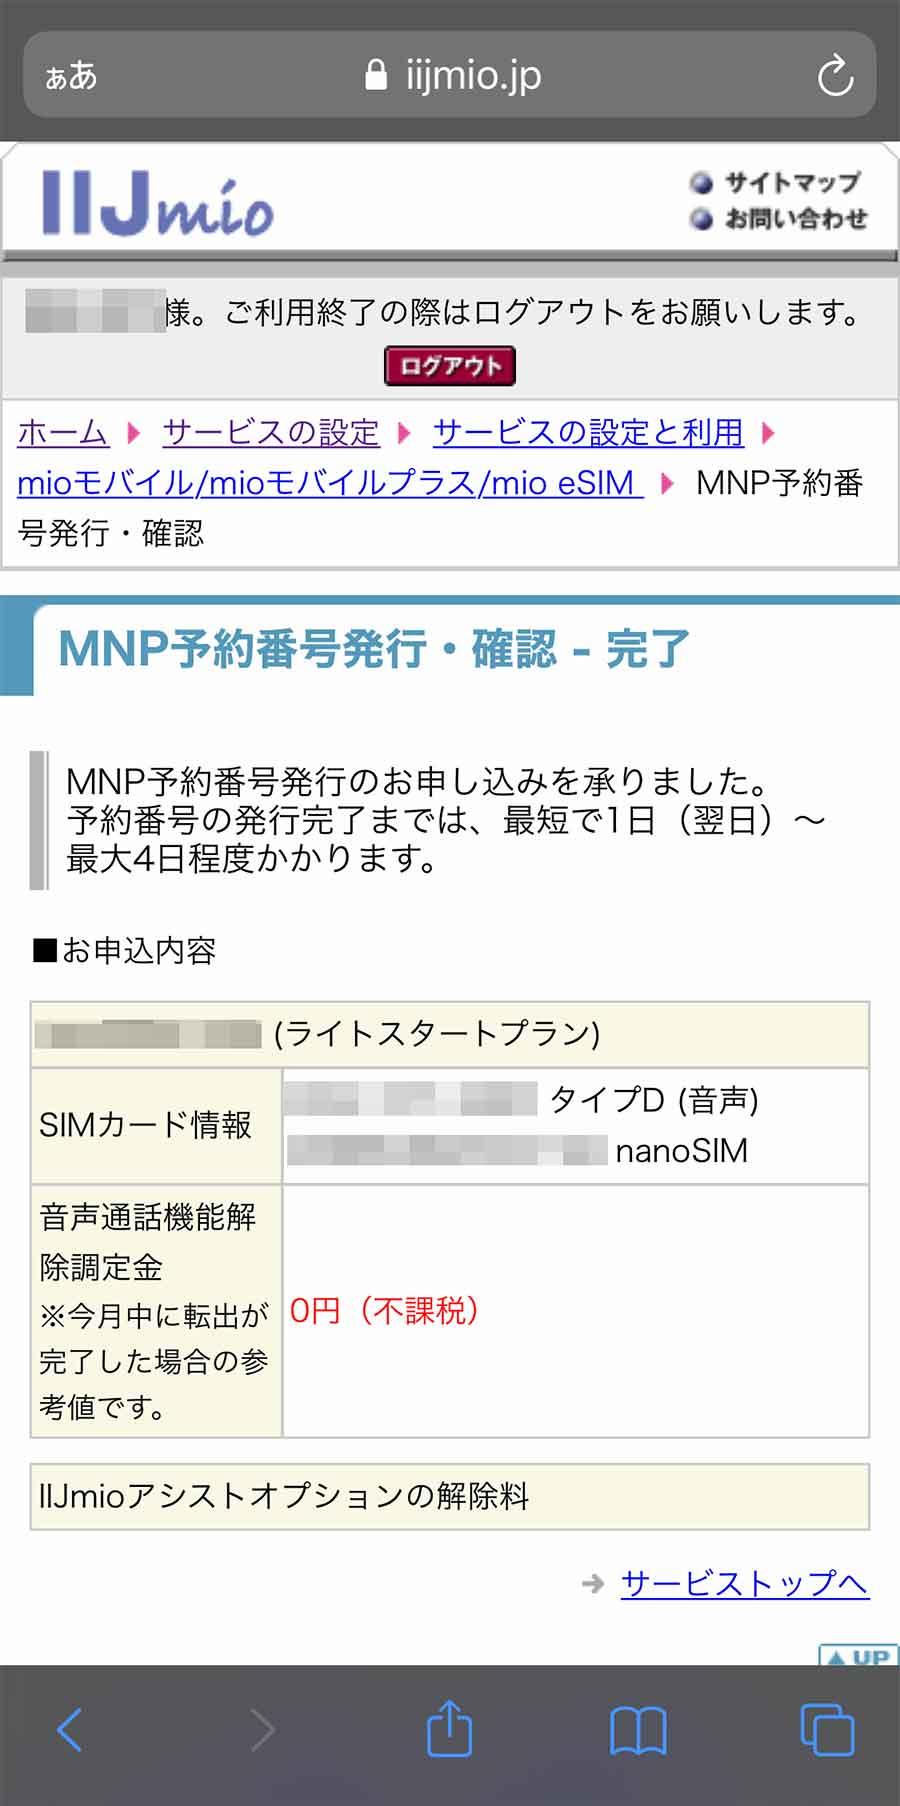 IIJmioでMNP予約番号を発行する